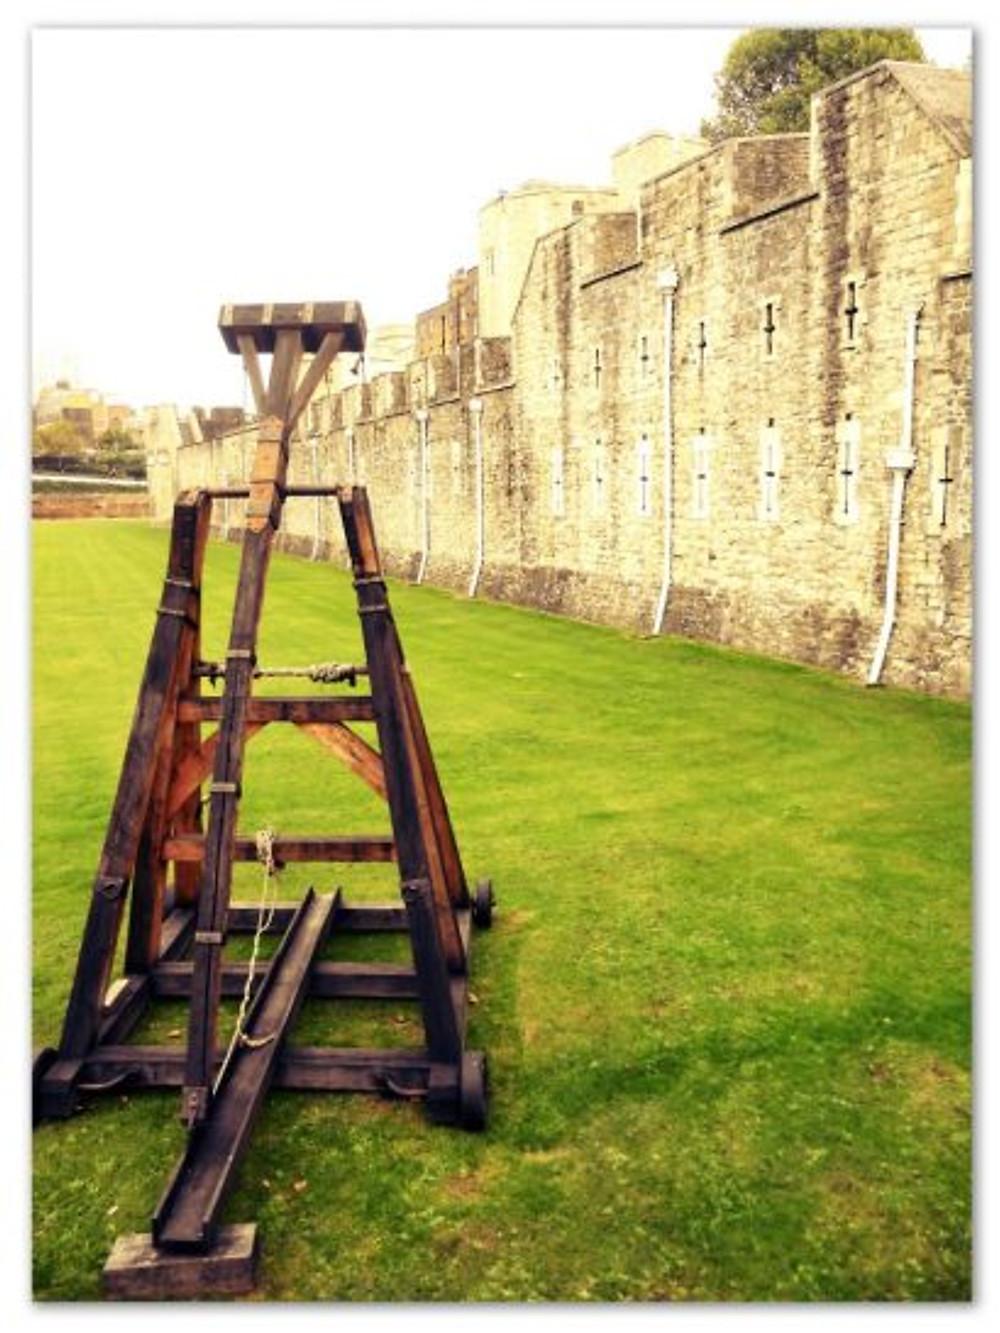 Catapulta na Torre de Londres (arquivo pessoal)